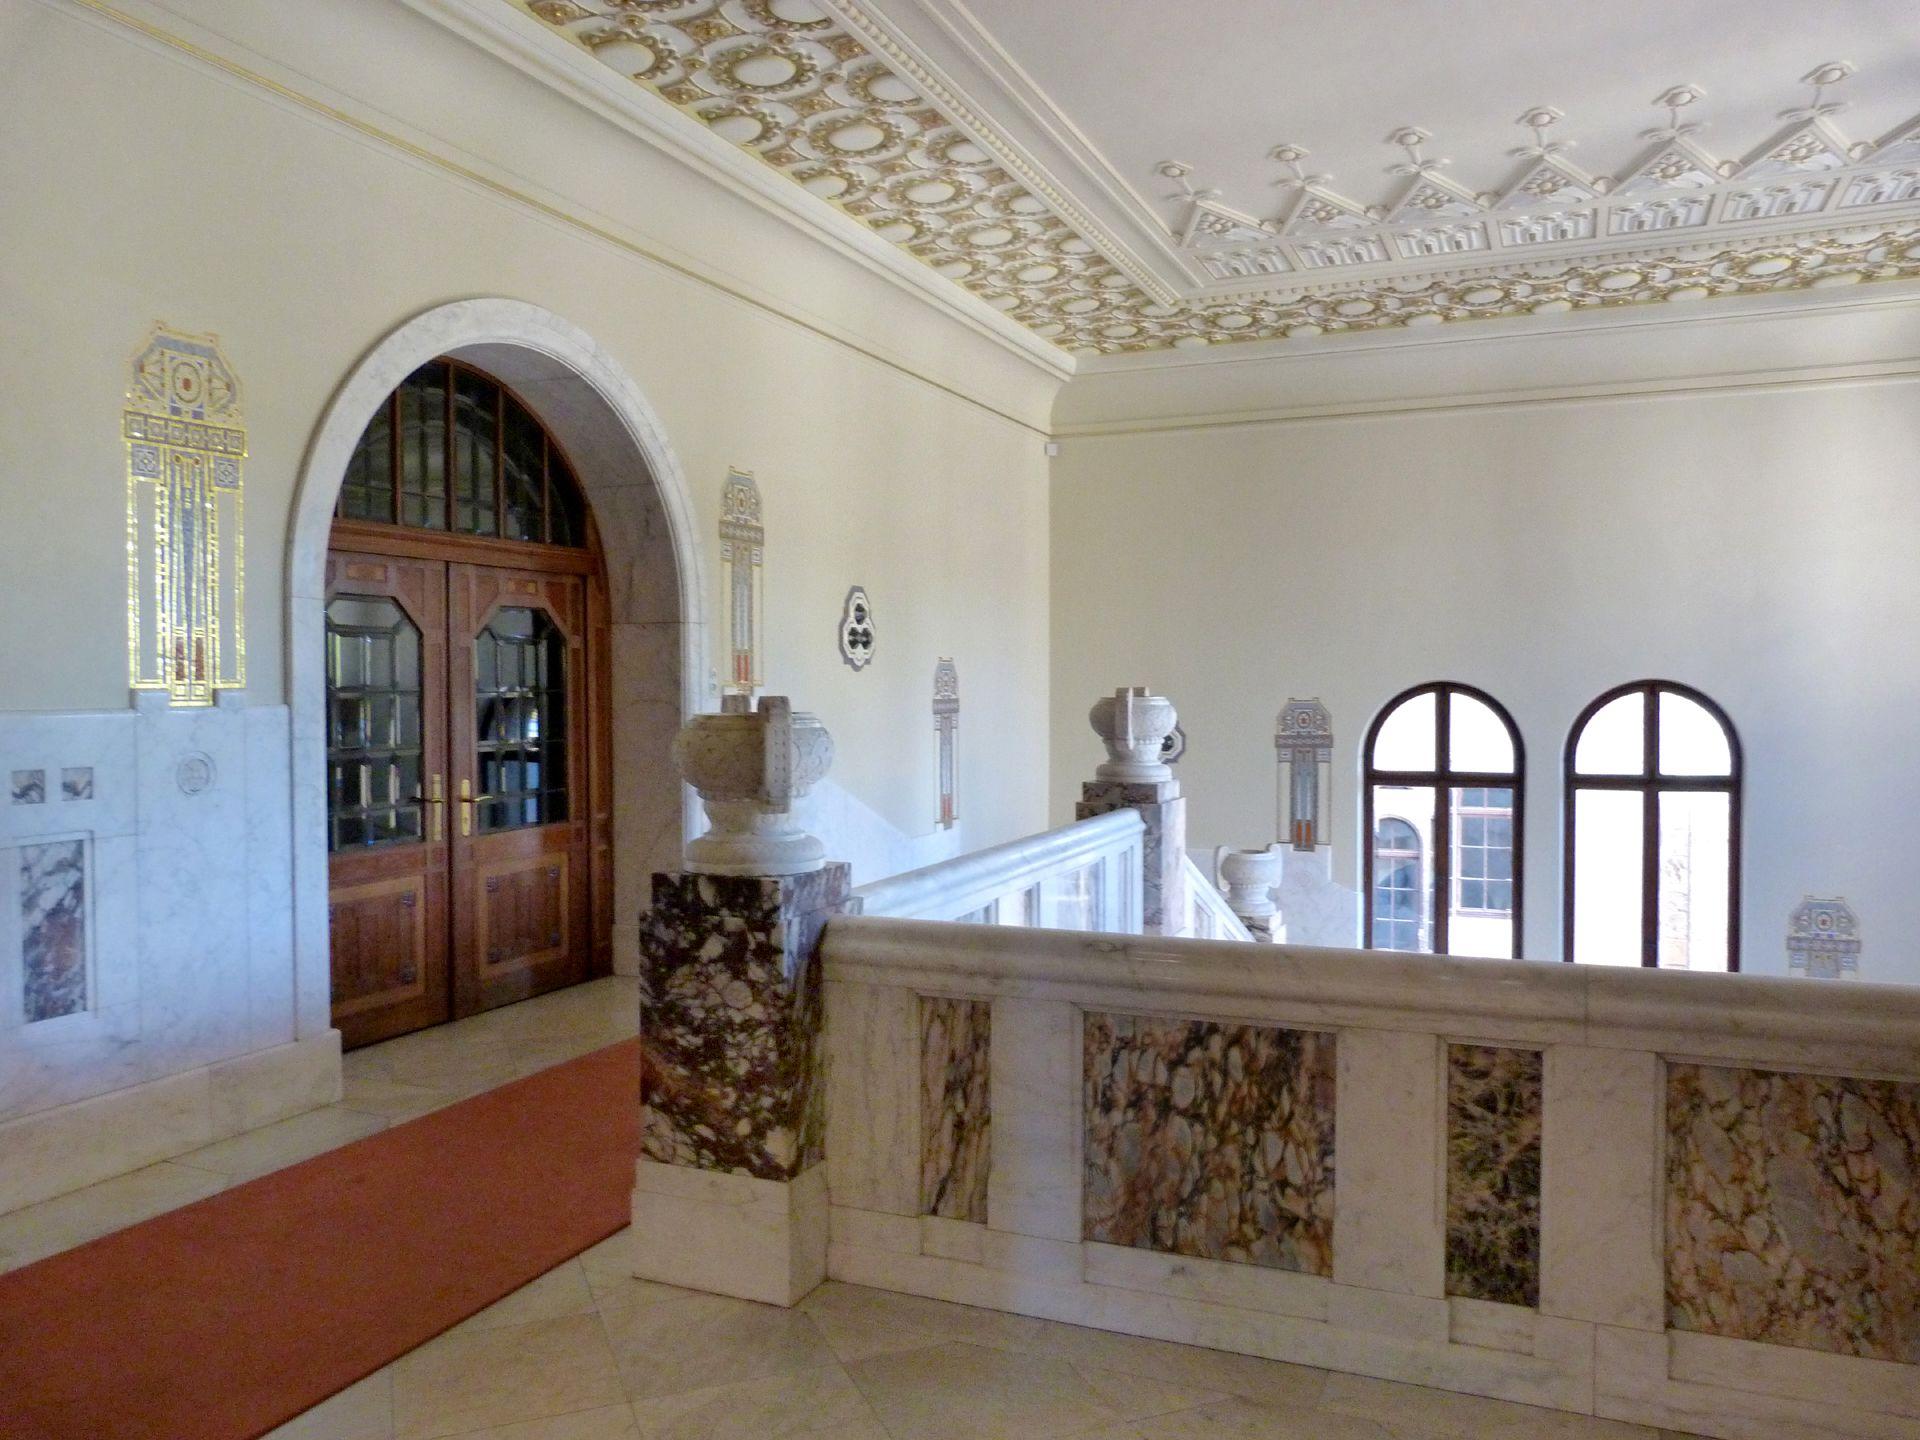 Castle Faber-Castell Jugendstil stair well, upper storey